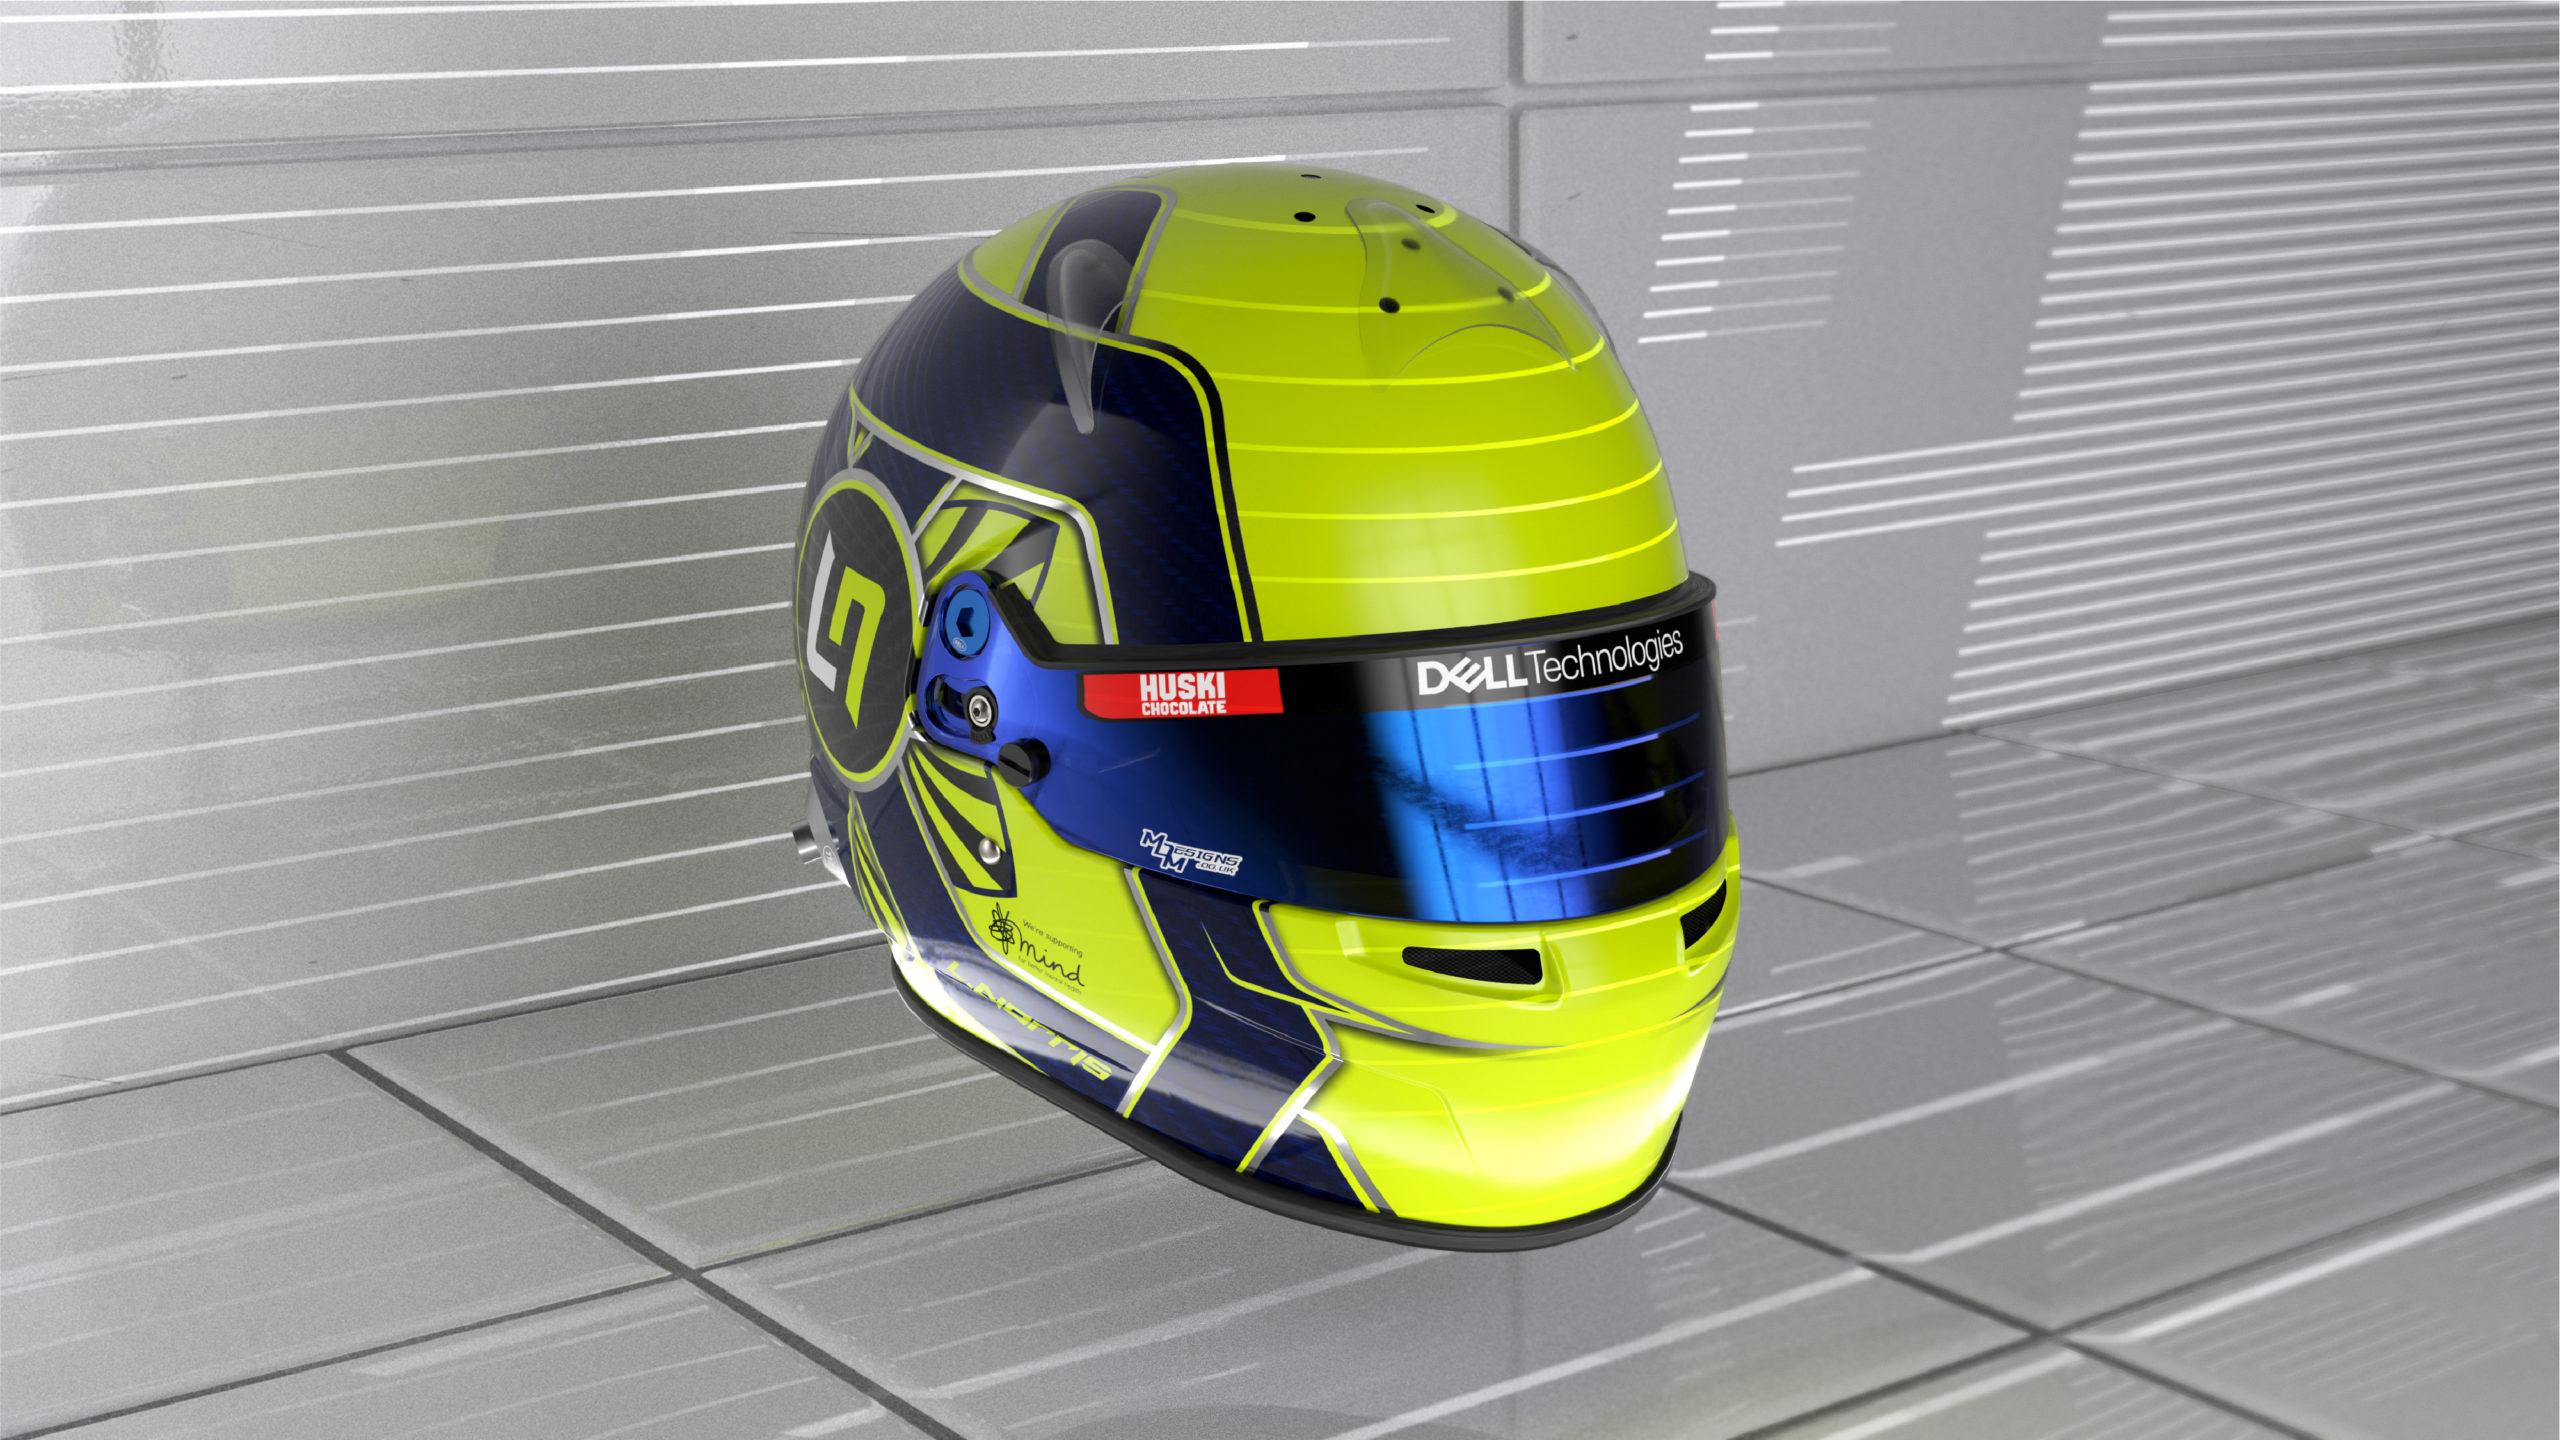 Formel 1 Helm 2021 Norris